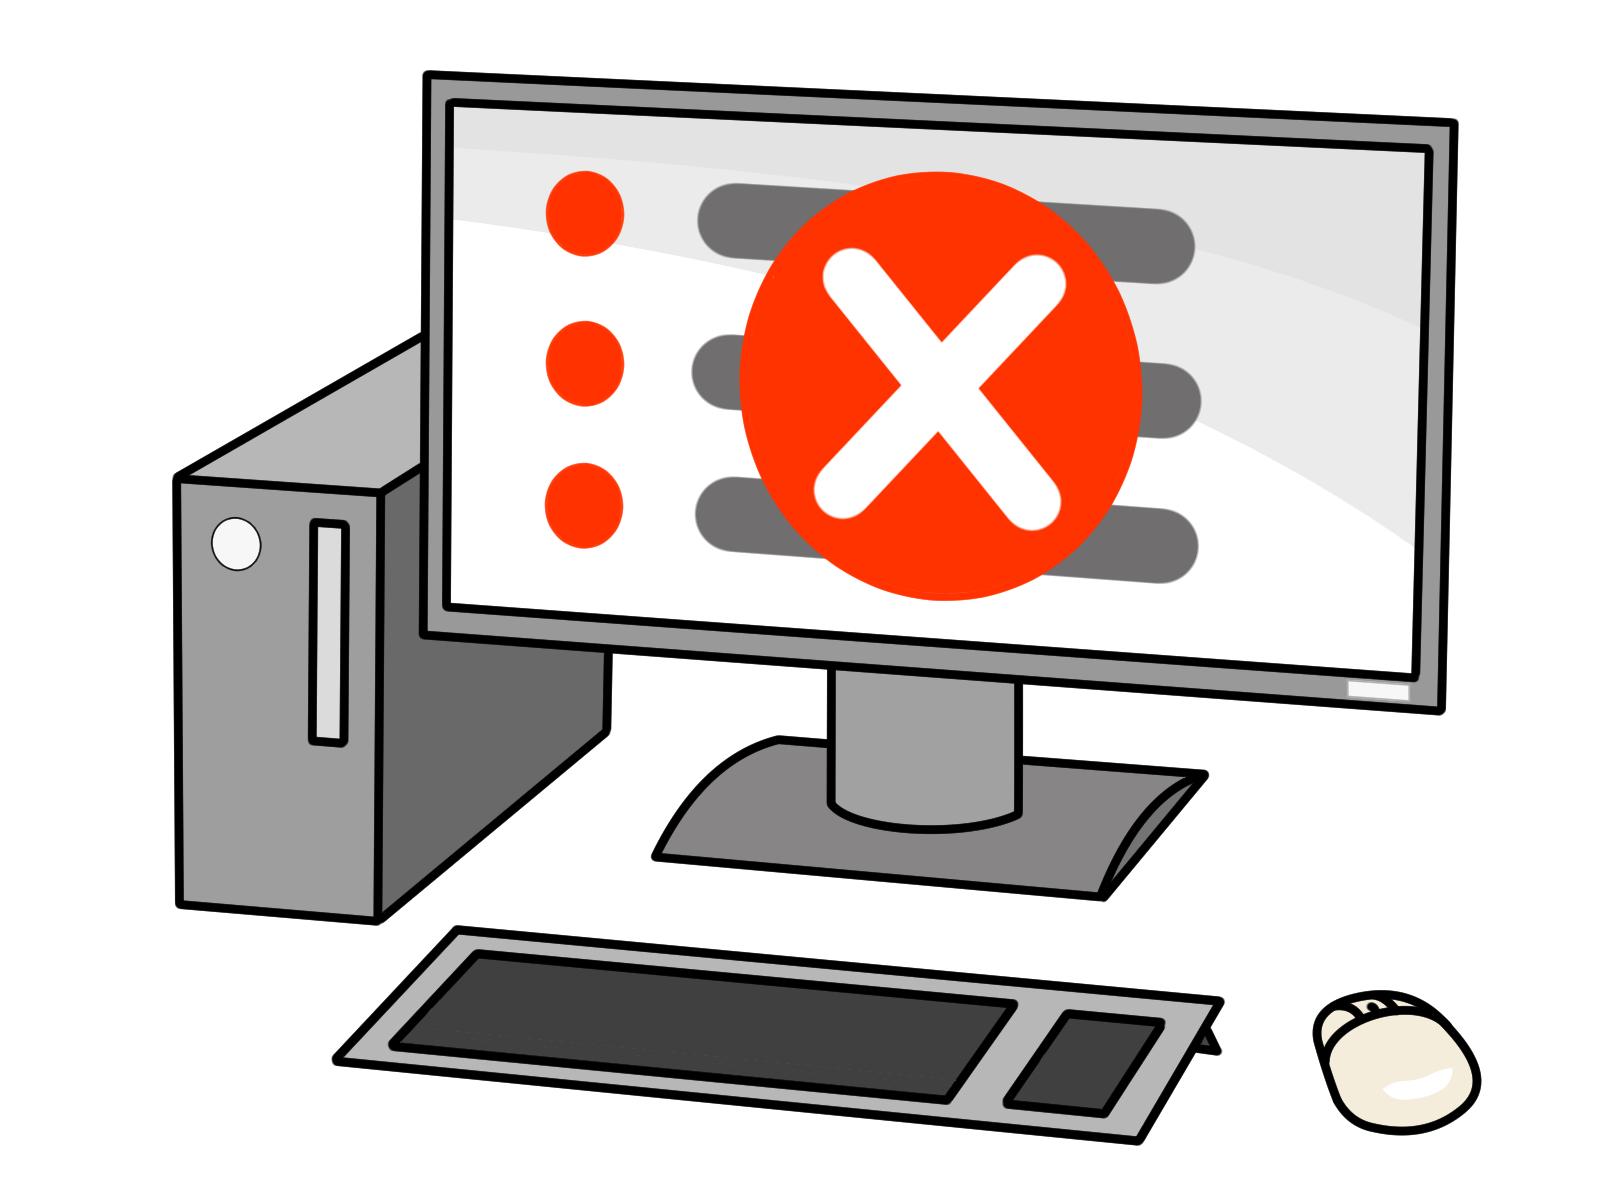 忍者画像RSSの不具合の報告と対処法